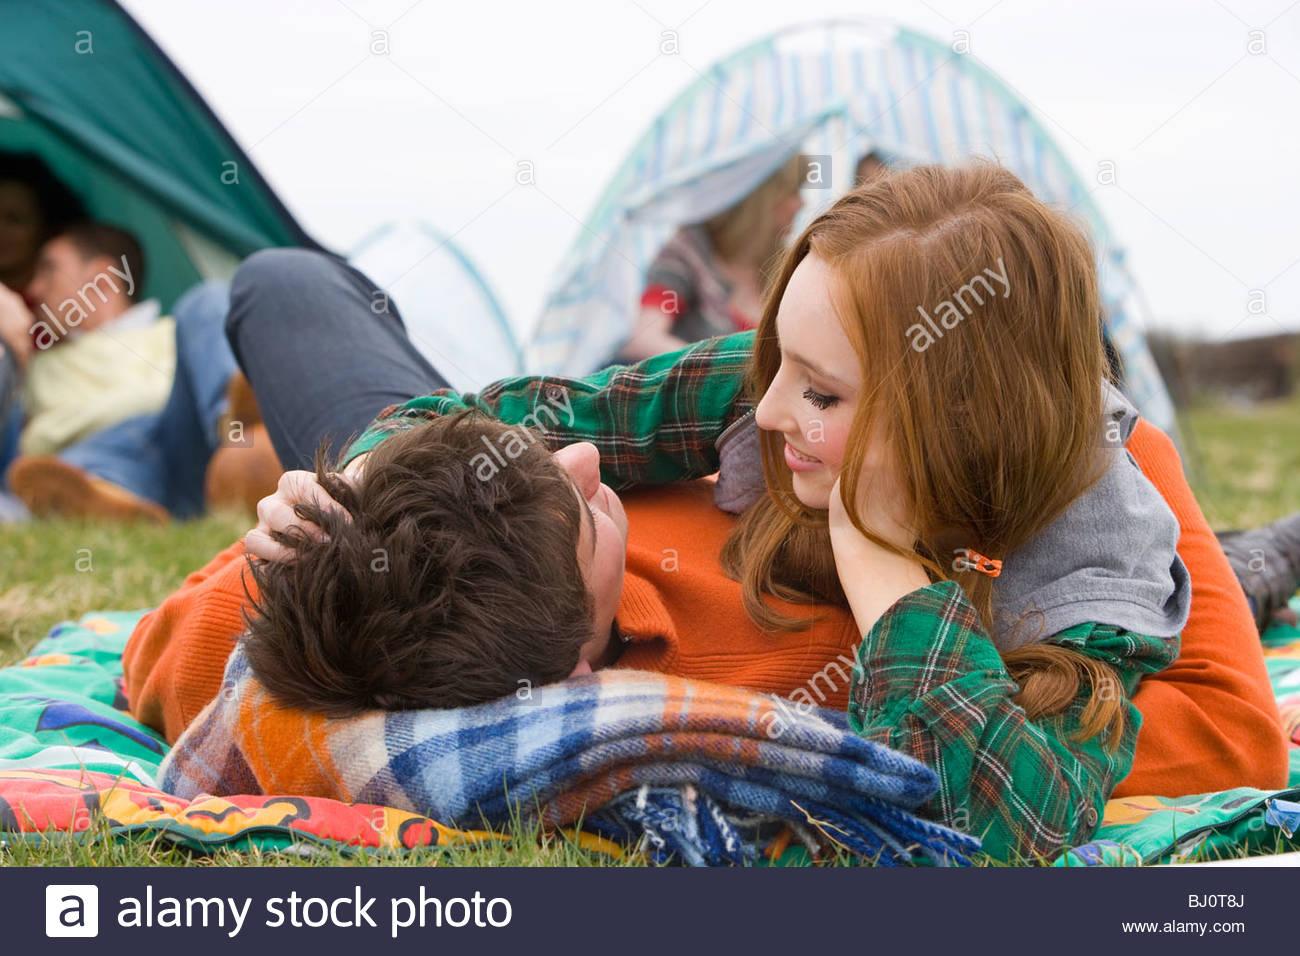 Romantisches Paar camping und Outdoor-Festival besuchen Stockbild